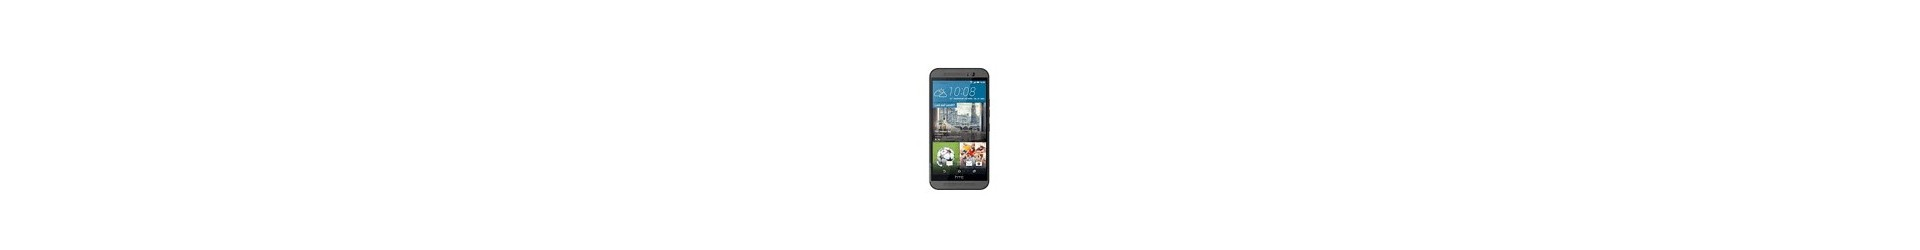 Accesorios HTC One M8 en Mexico